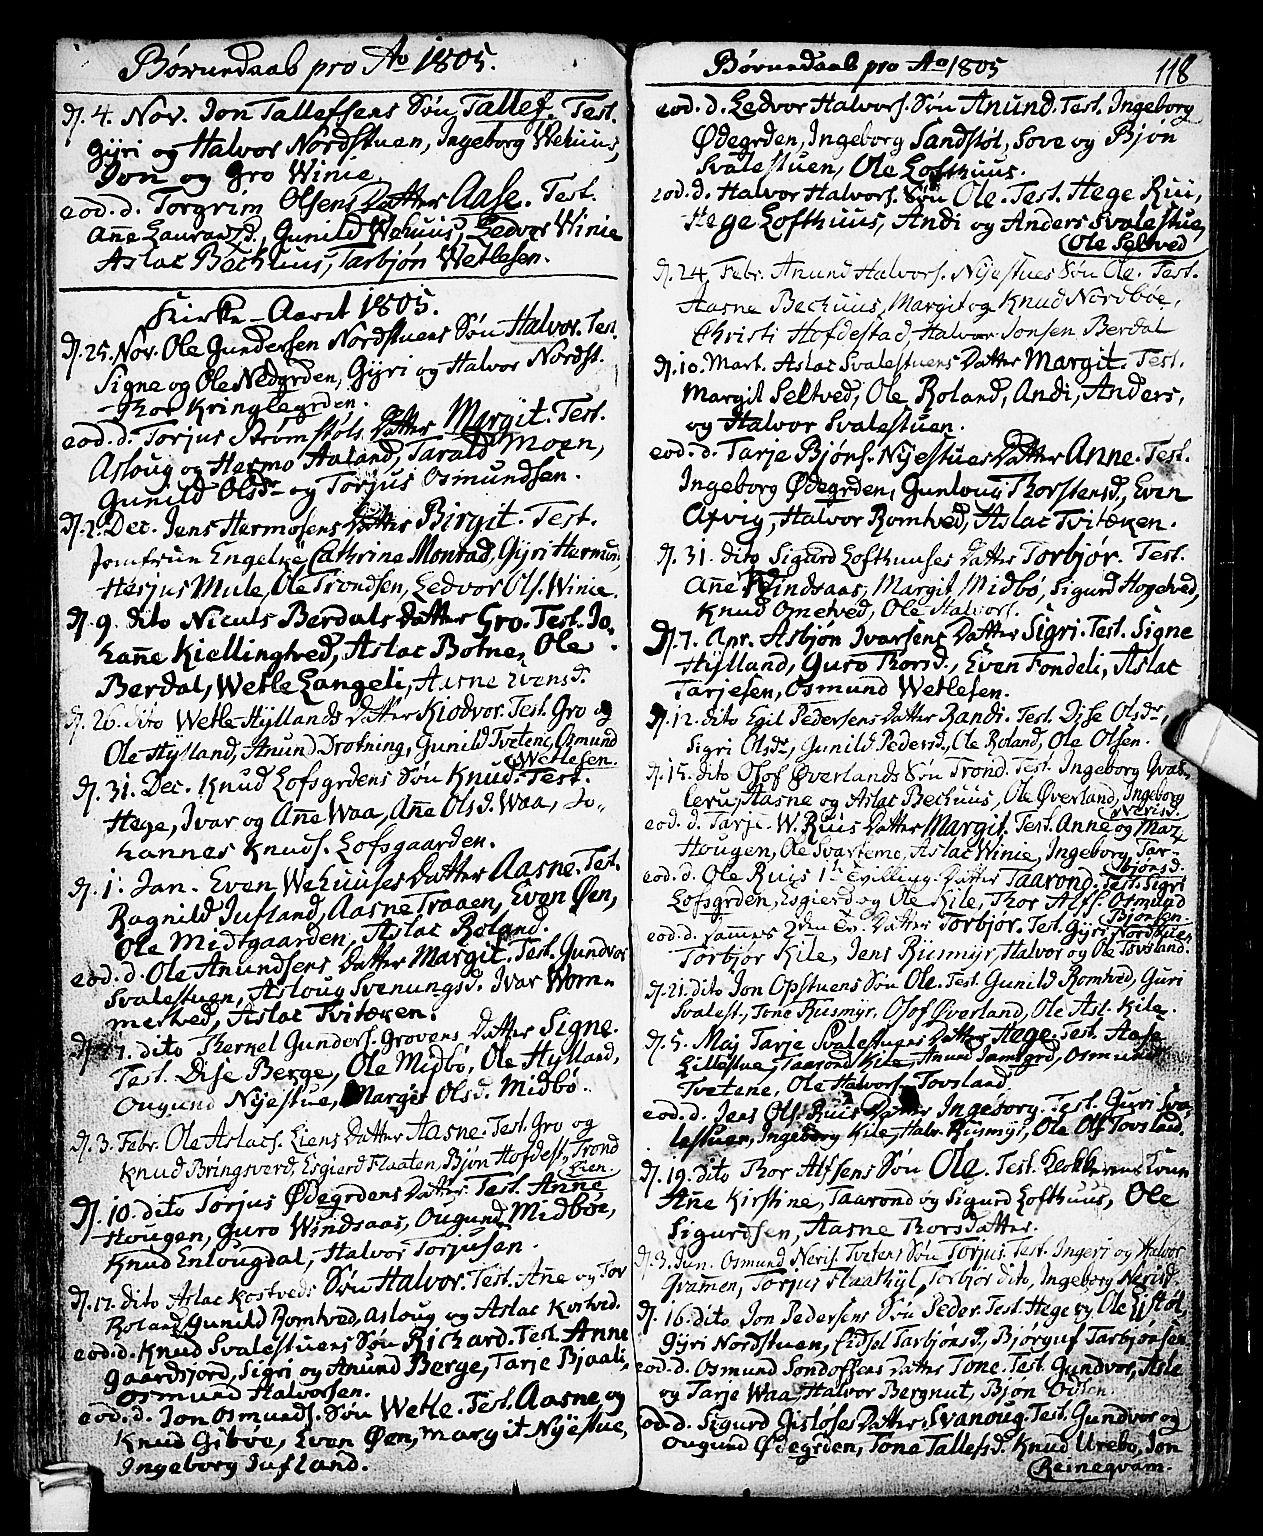 SAKO, Vinje kirkebøker, F/Fa/L0002: Ministerialbok nr. I 2, 1767-1814, s. 118